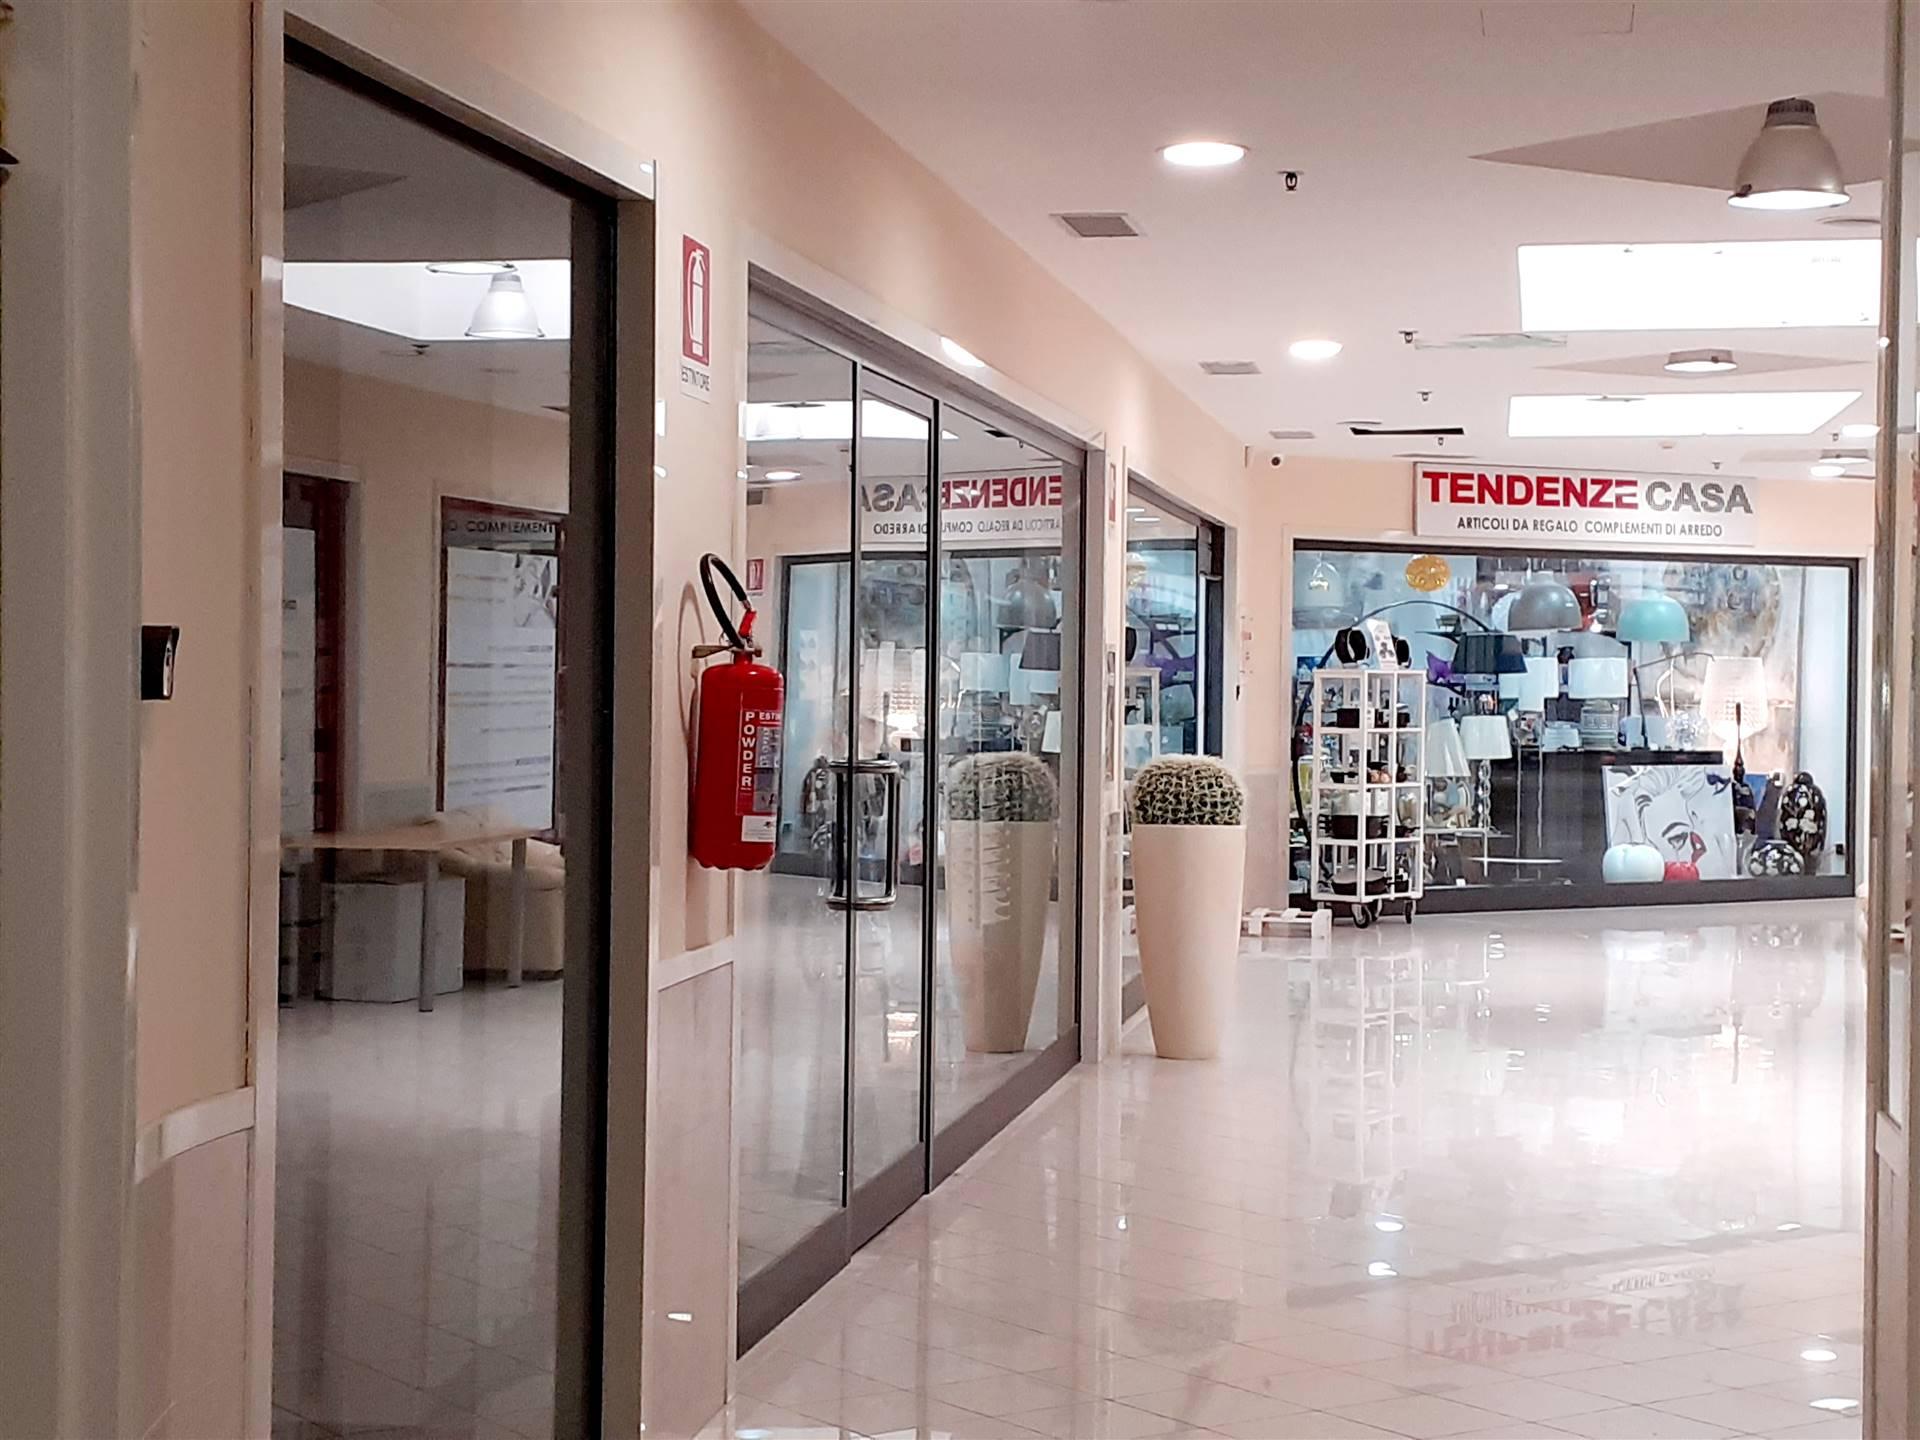 Locale Commerciale di circa 40 mq posto al primo piano del centro commerciale I Mulini nel cuore della città. Il locale si presenta in ottimo stato è dotato di vetrina più un ampio ingresso con